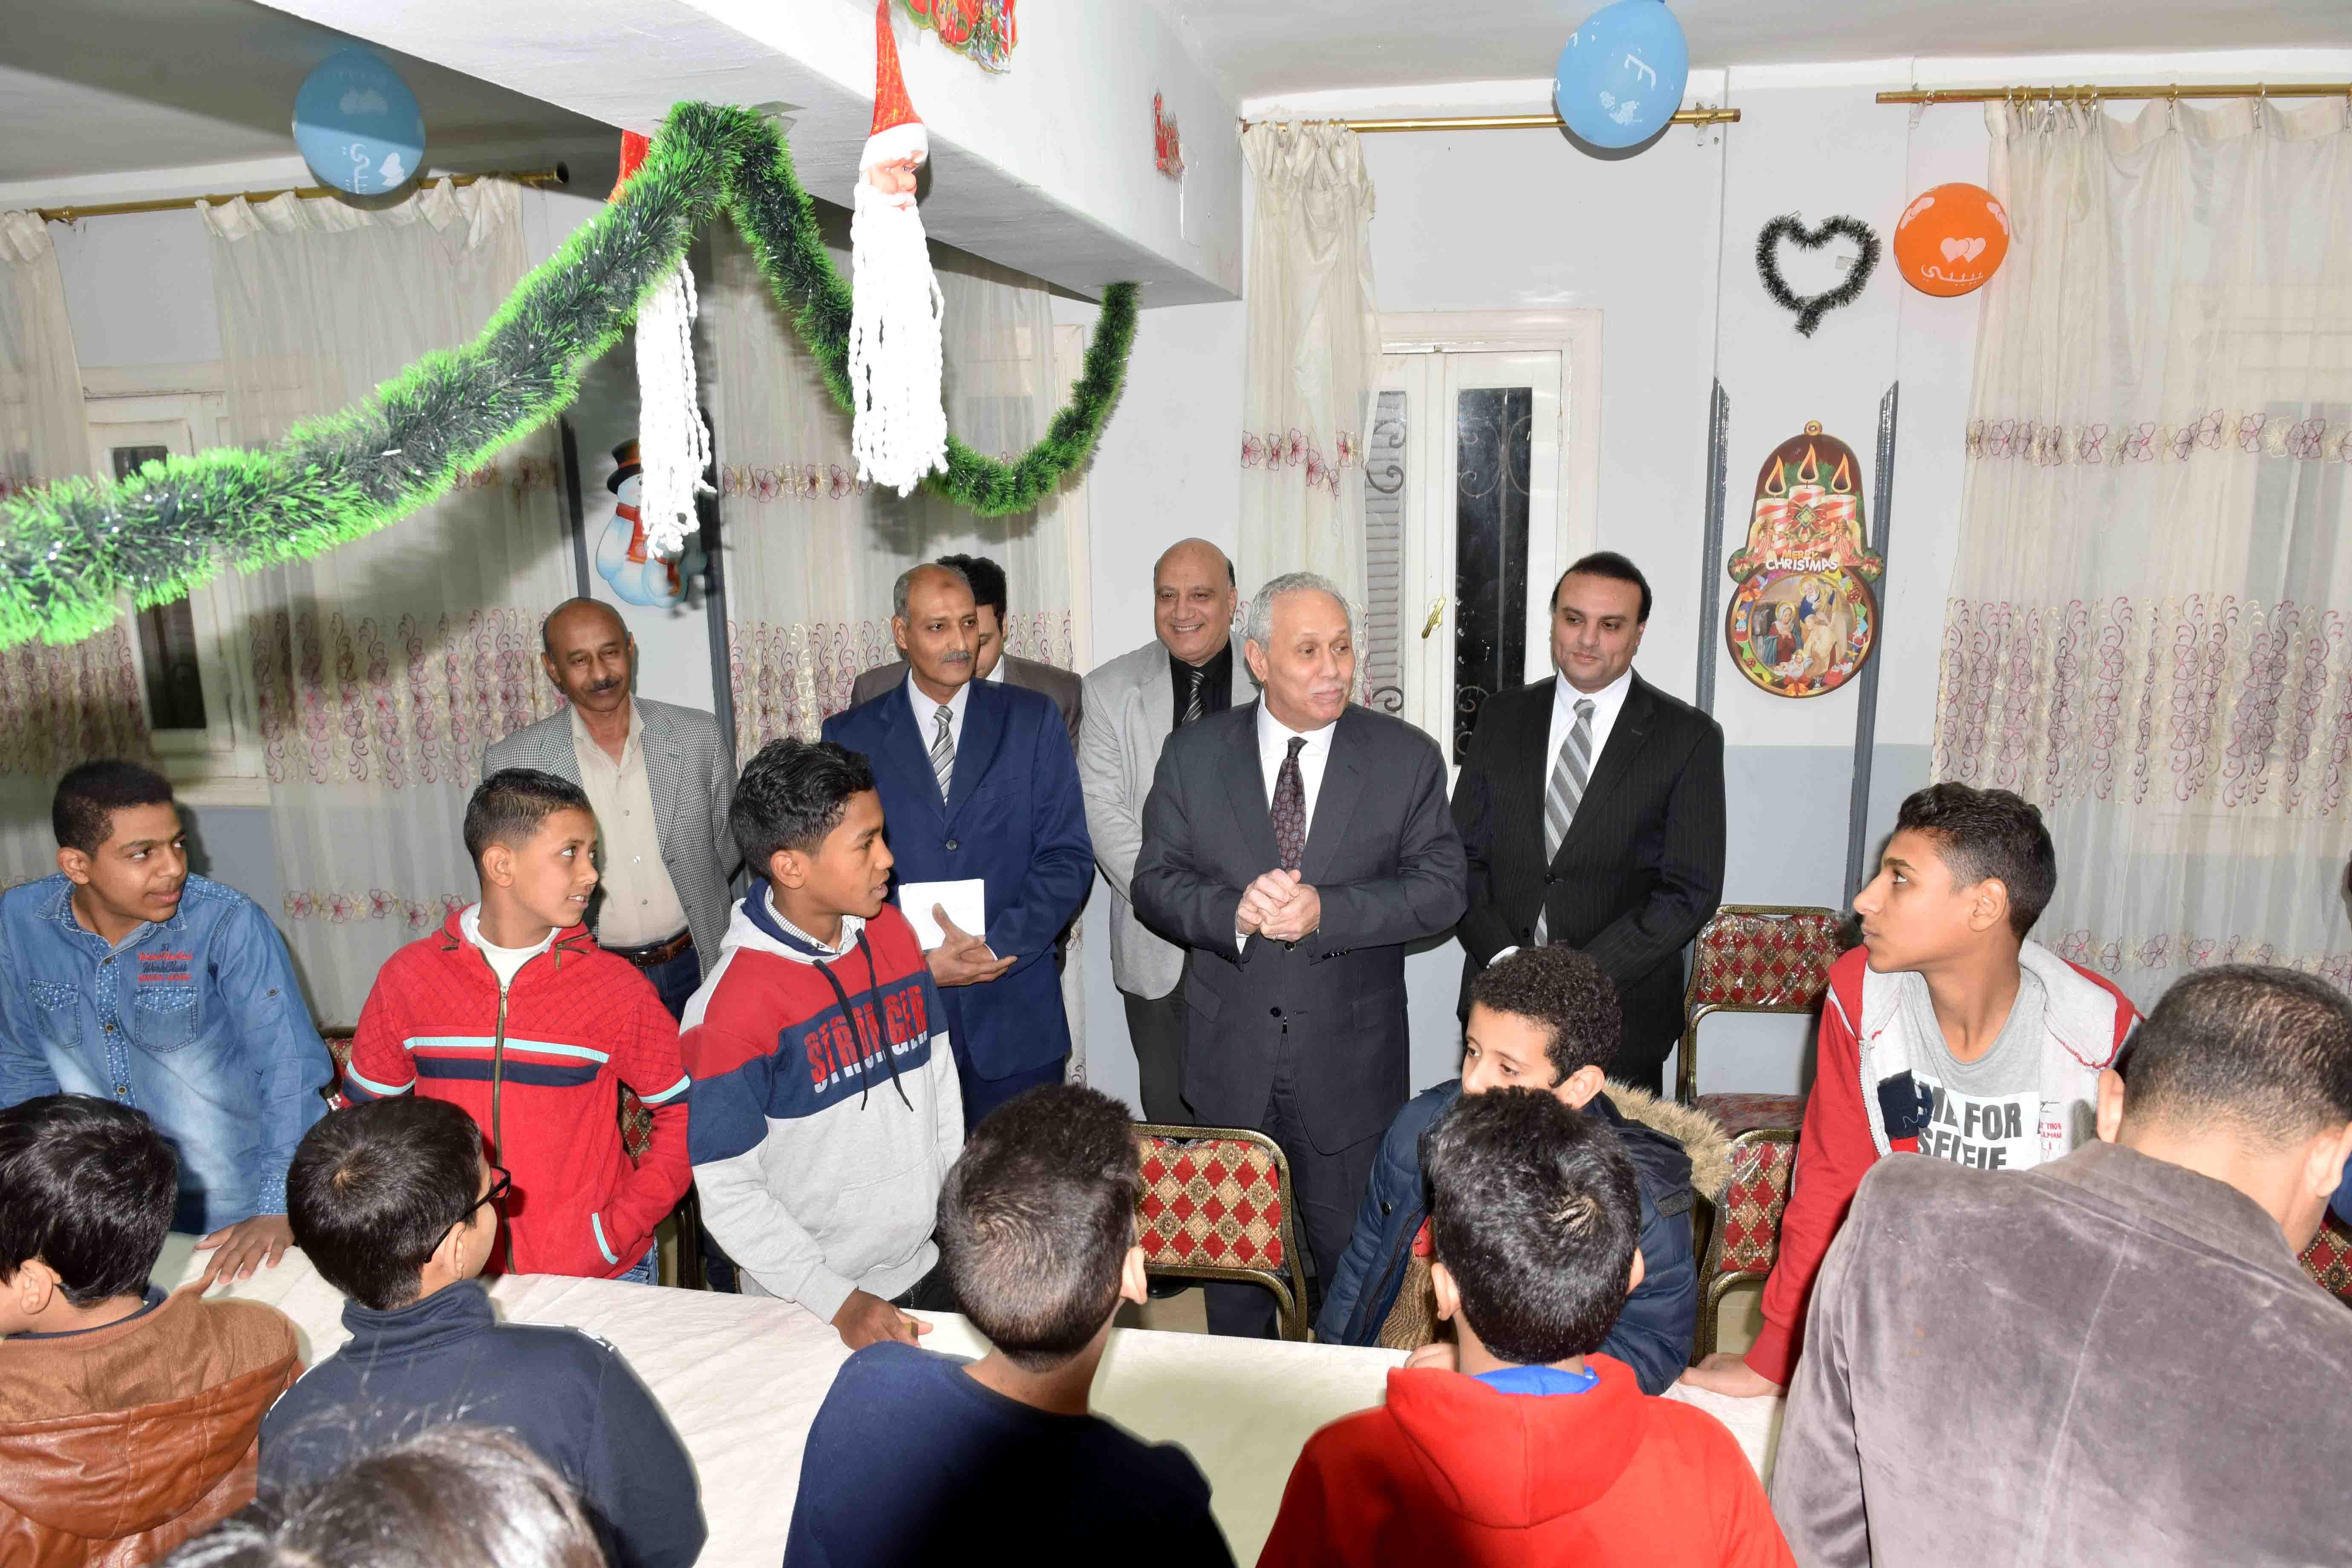 محافظ الأقصر يقدم التهنئة لأطفال الجمعيات بعيد الميلاد  (4)